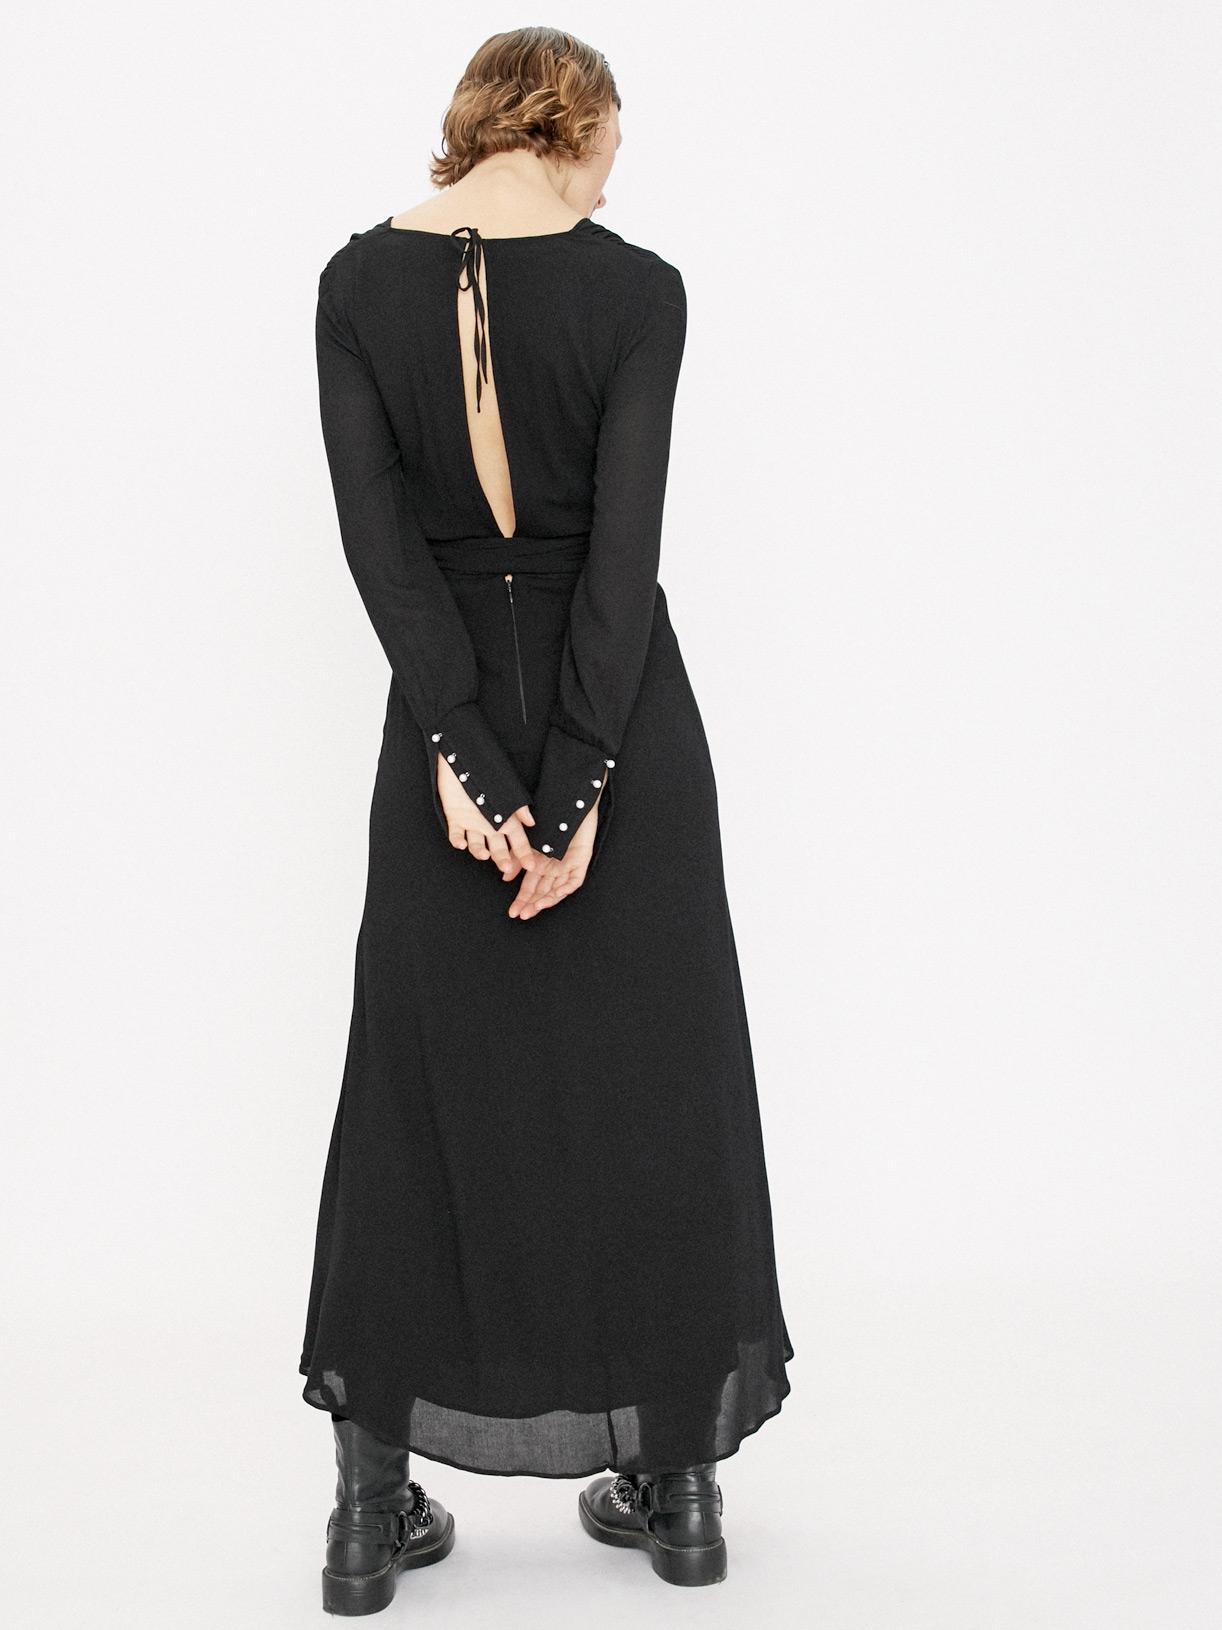 Robe longue noire a manches longues soiree écoresponsable - Creatrice de mode éthique et bio a Paris - Myphilosophy